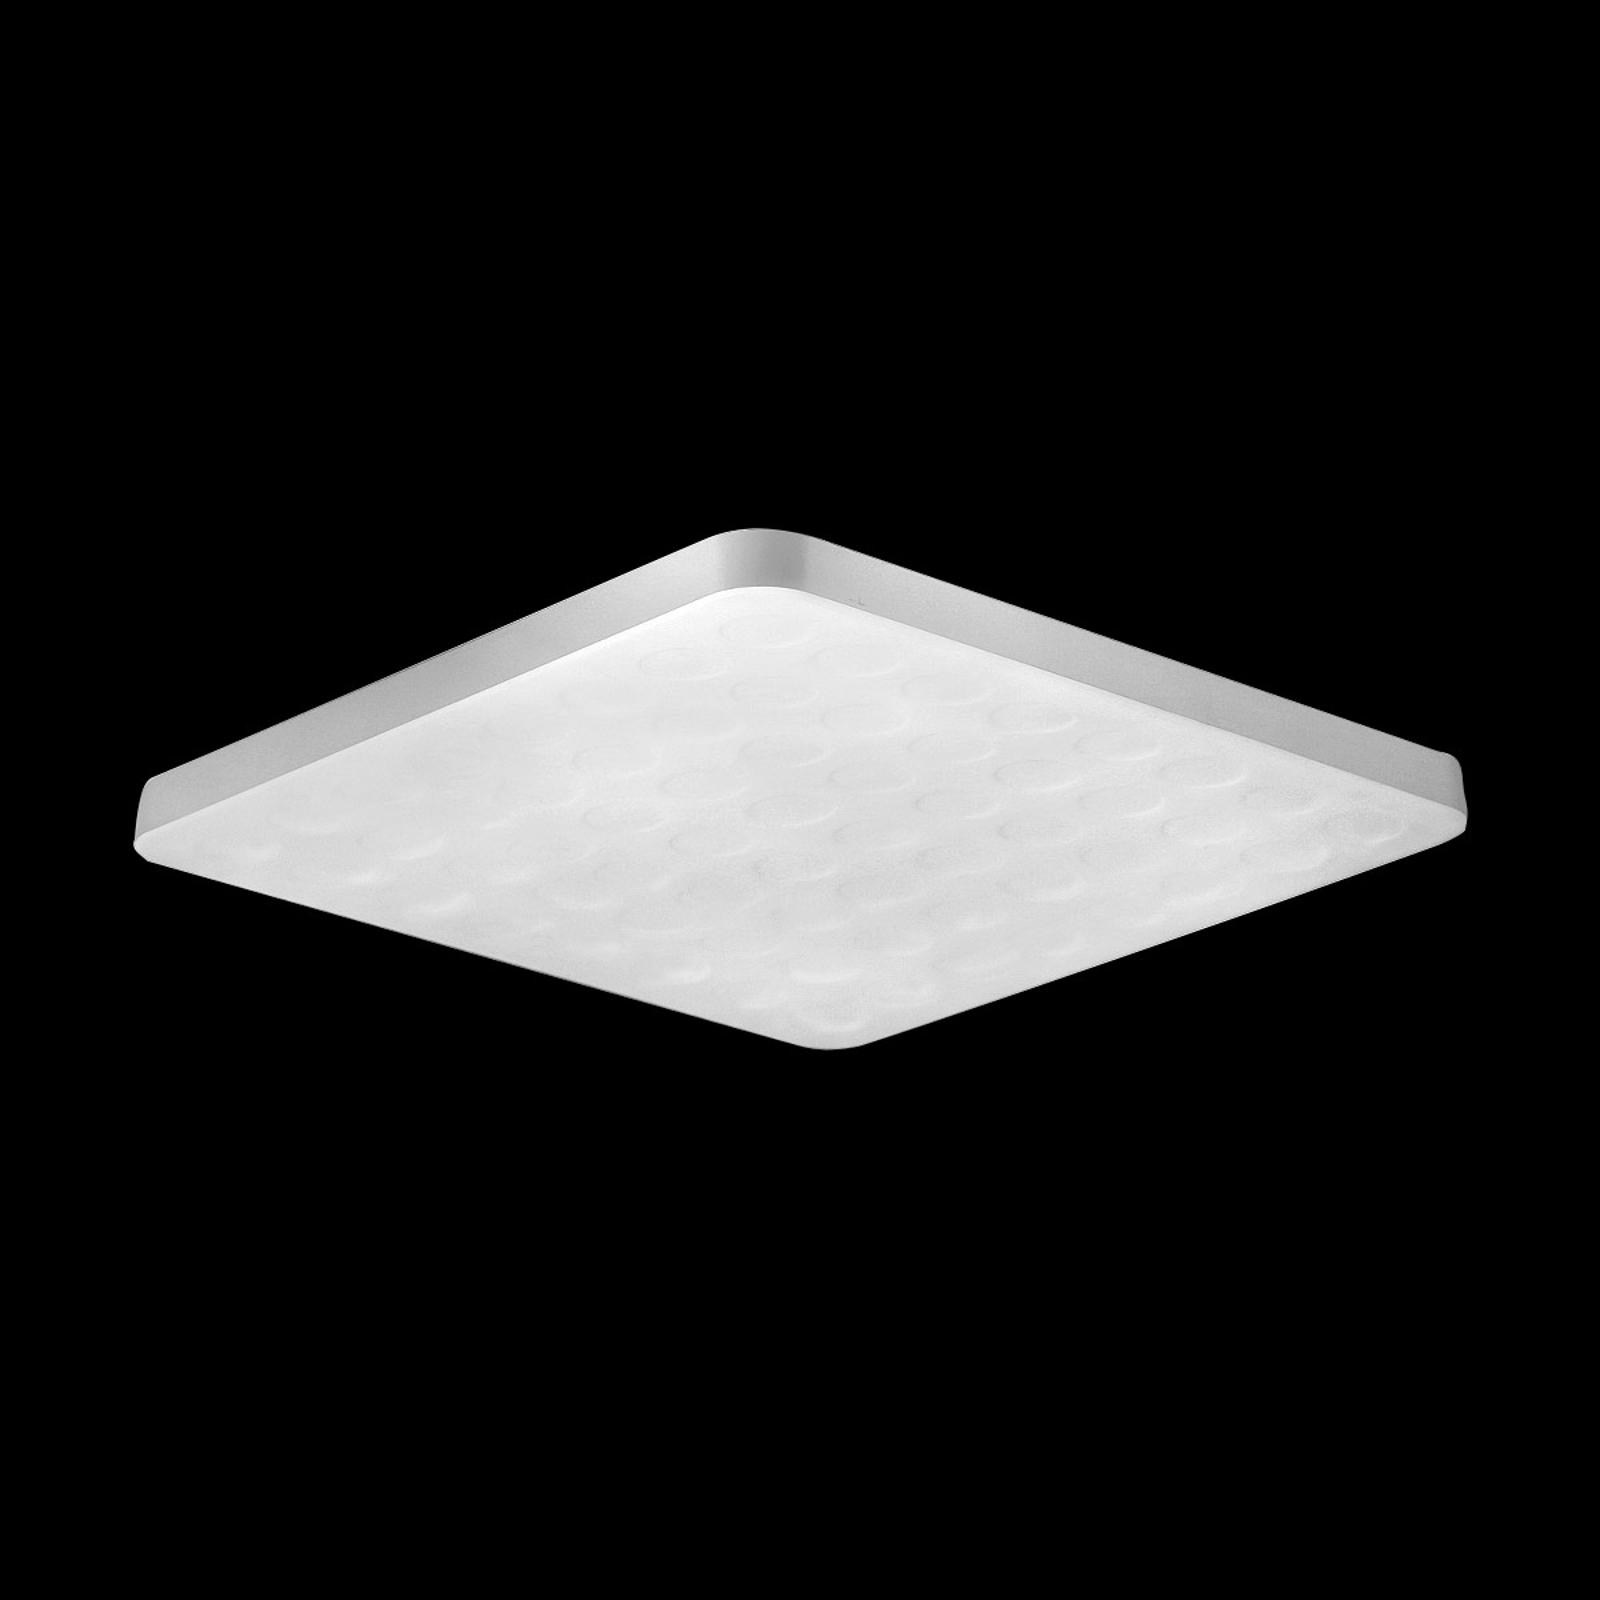 Lampa sufitowa LED Polly 28W, mała perforacja